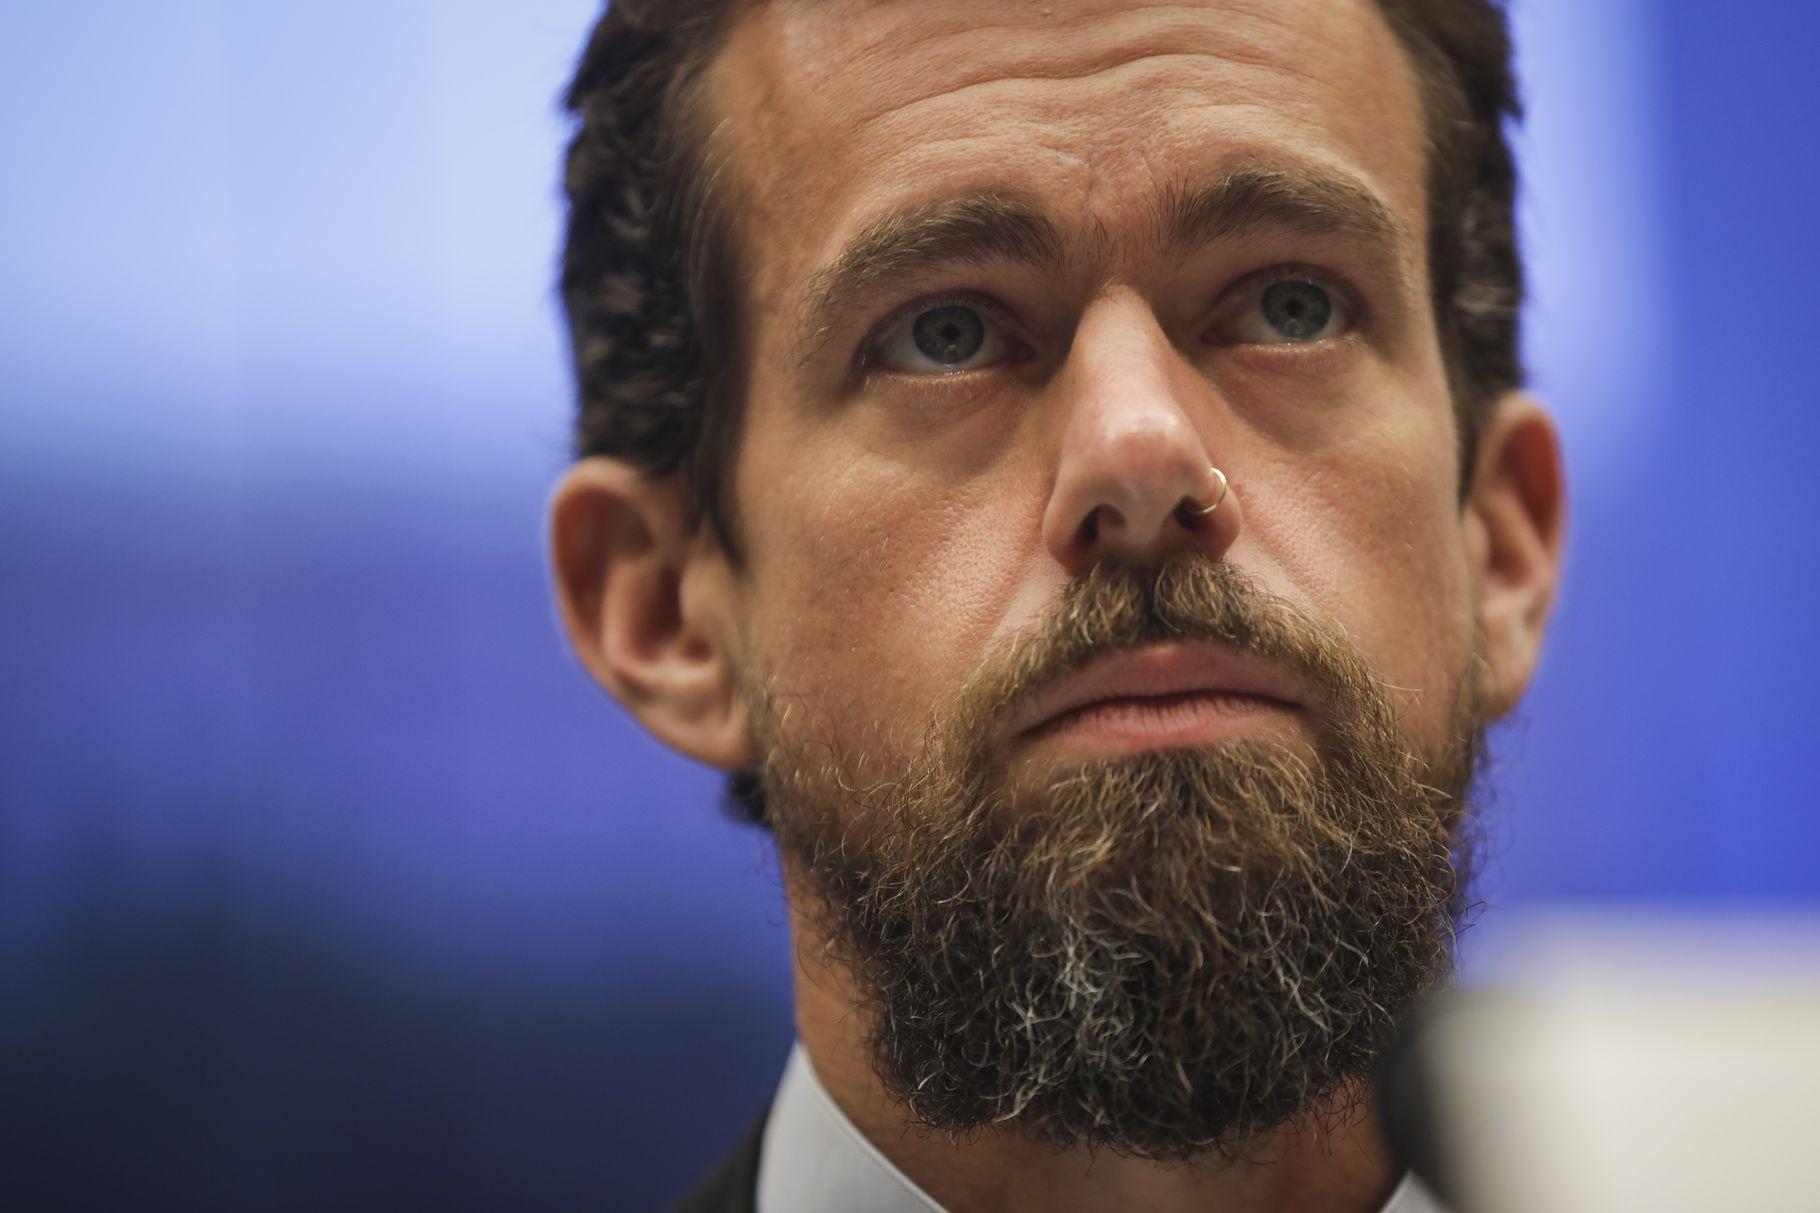 Senate committee approves subpoenas for Mark Zuckerberg and Jack Dorsey